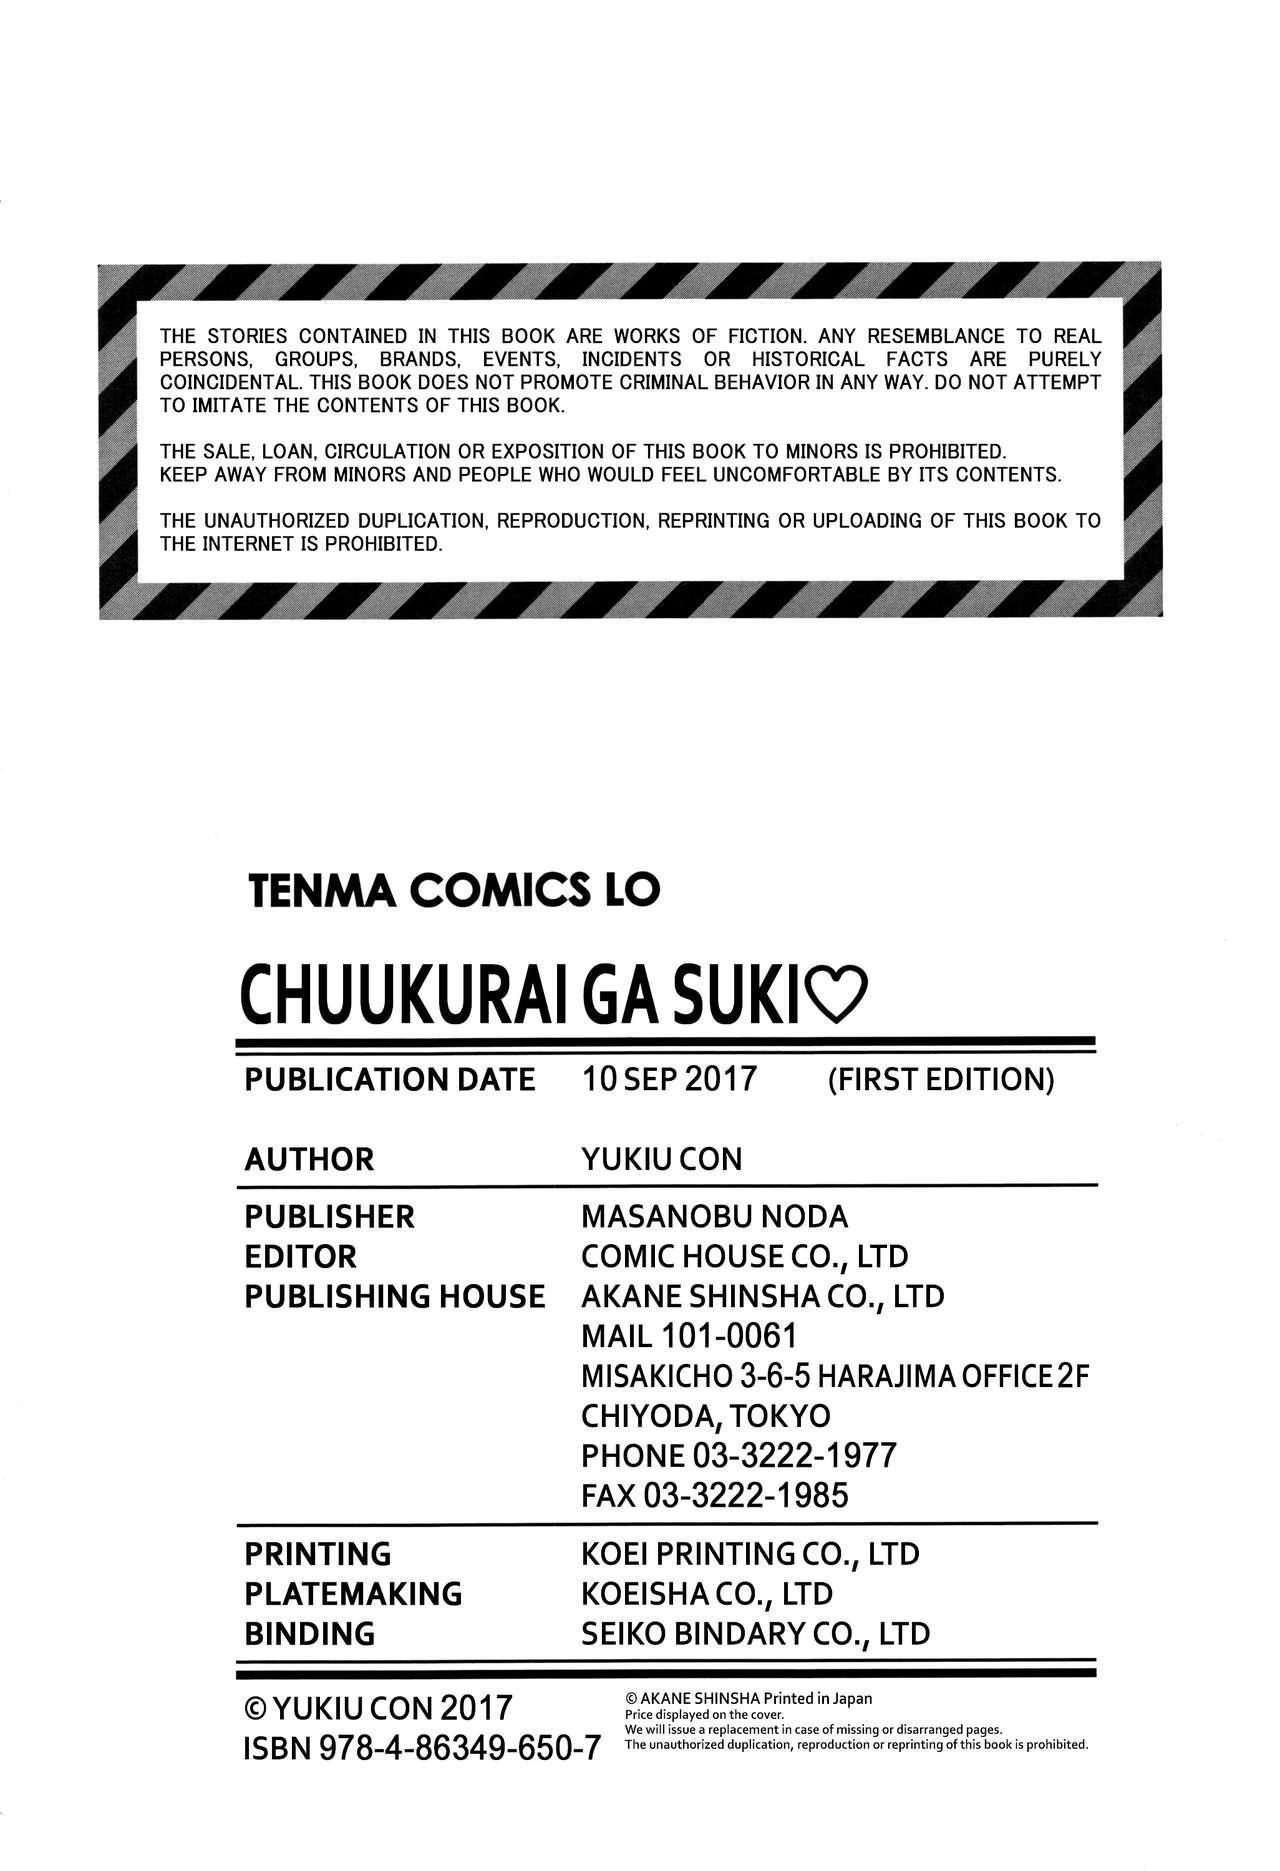 Chuukurai ga Suki 203